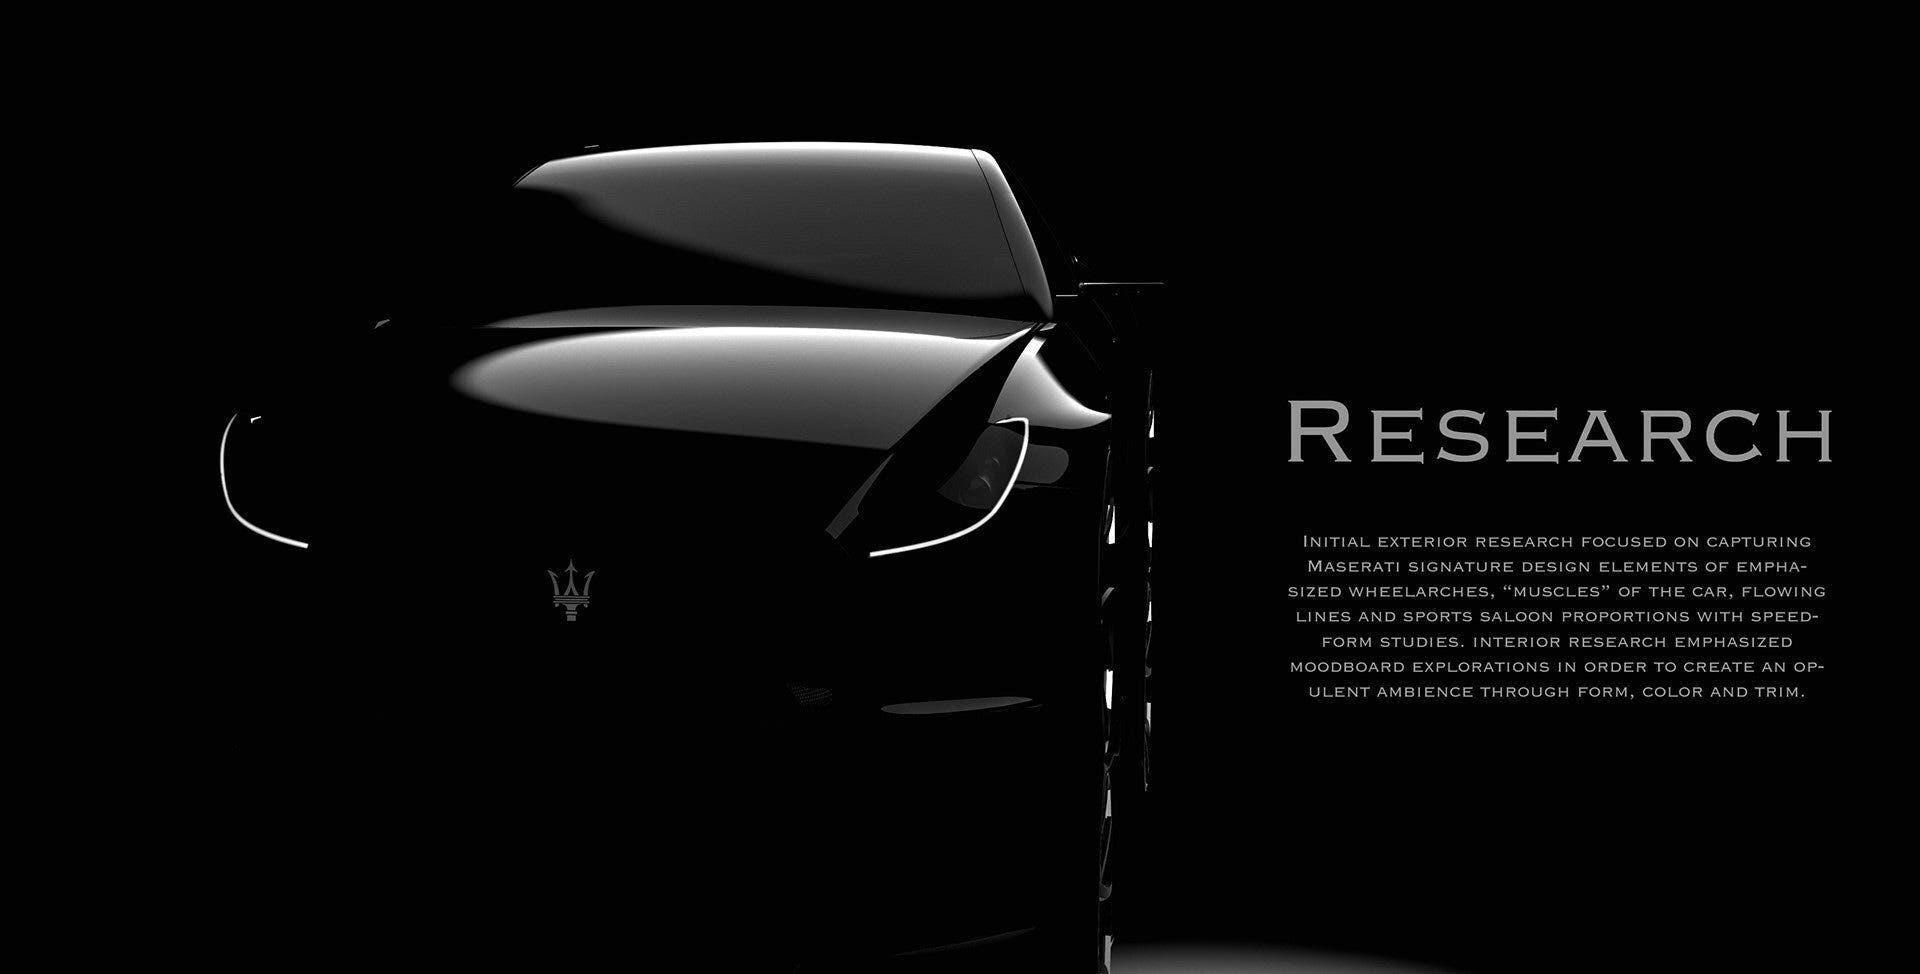 Maserati L'Ultimo concept